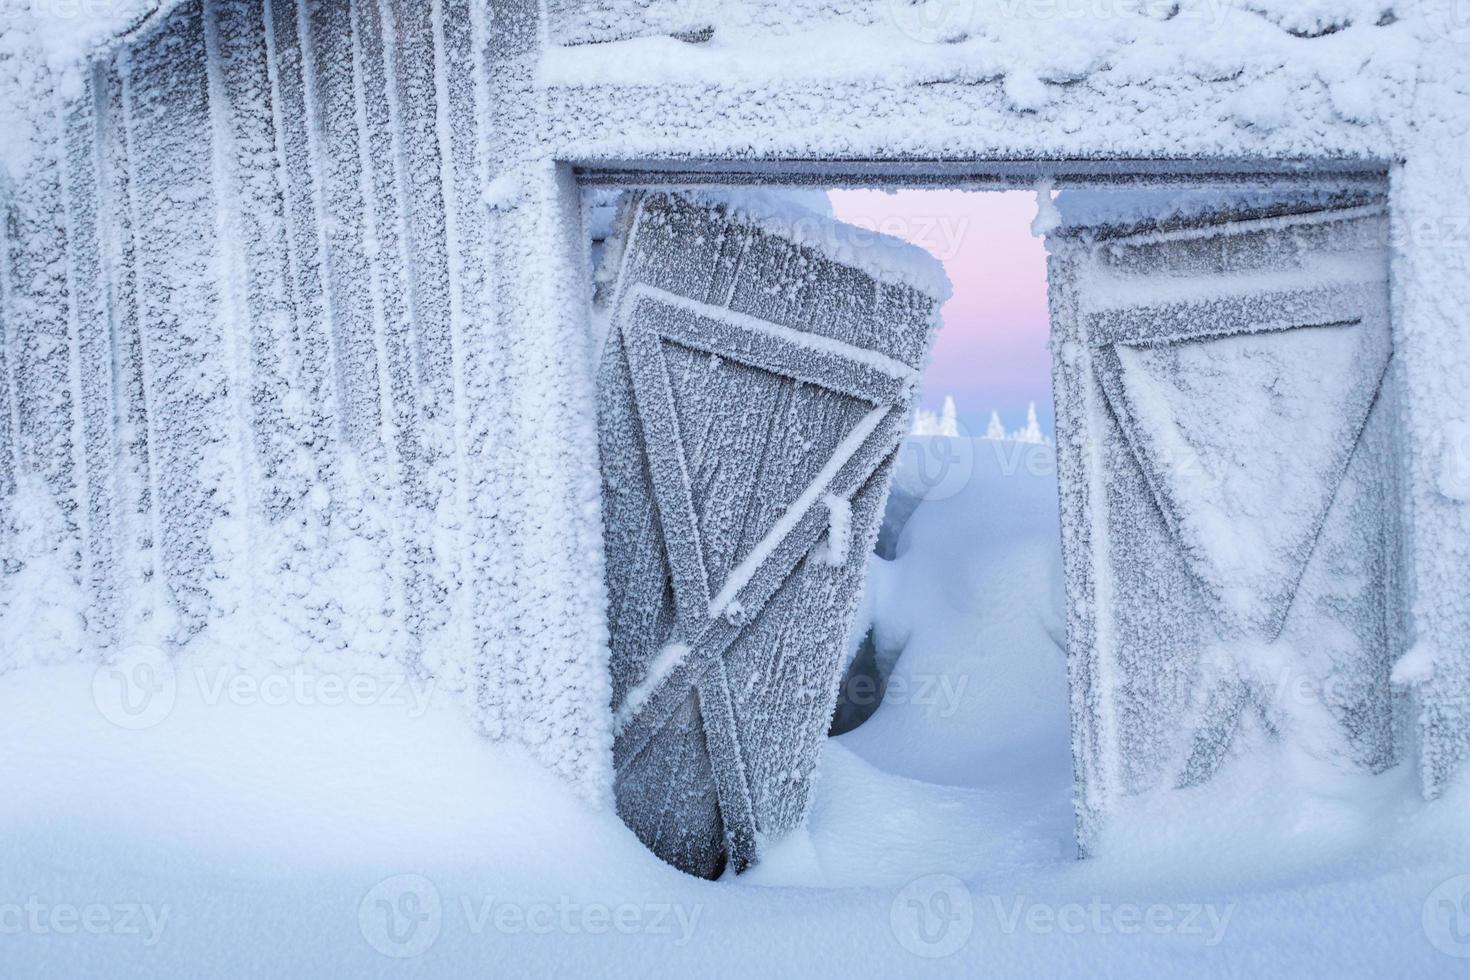 winterwonderland - verlaten boerderij bedekt met diepe sneeuw in de winter foto